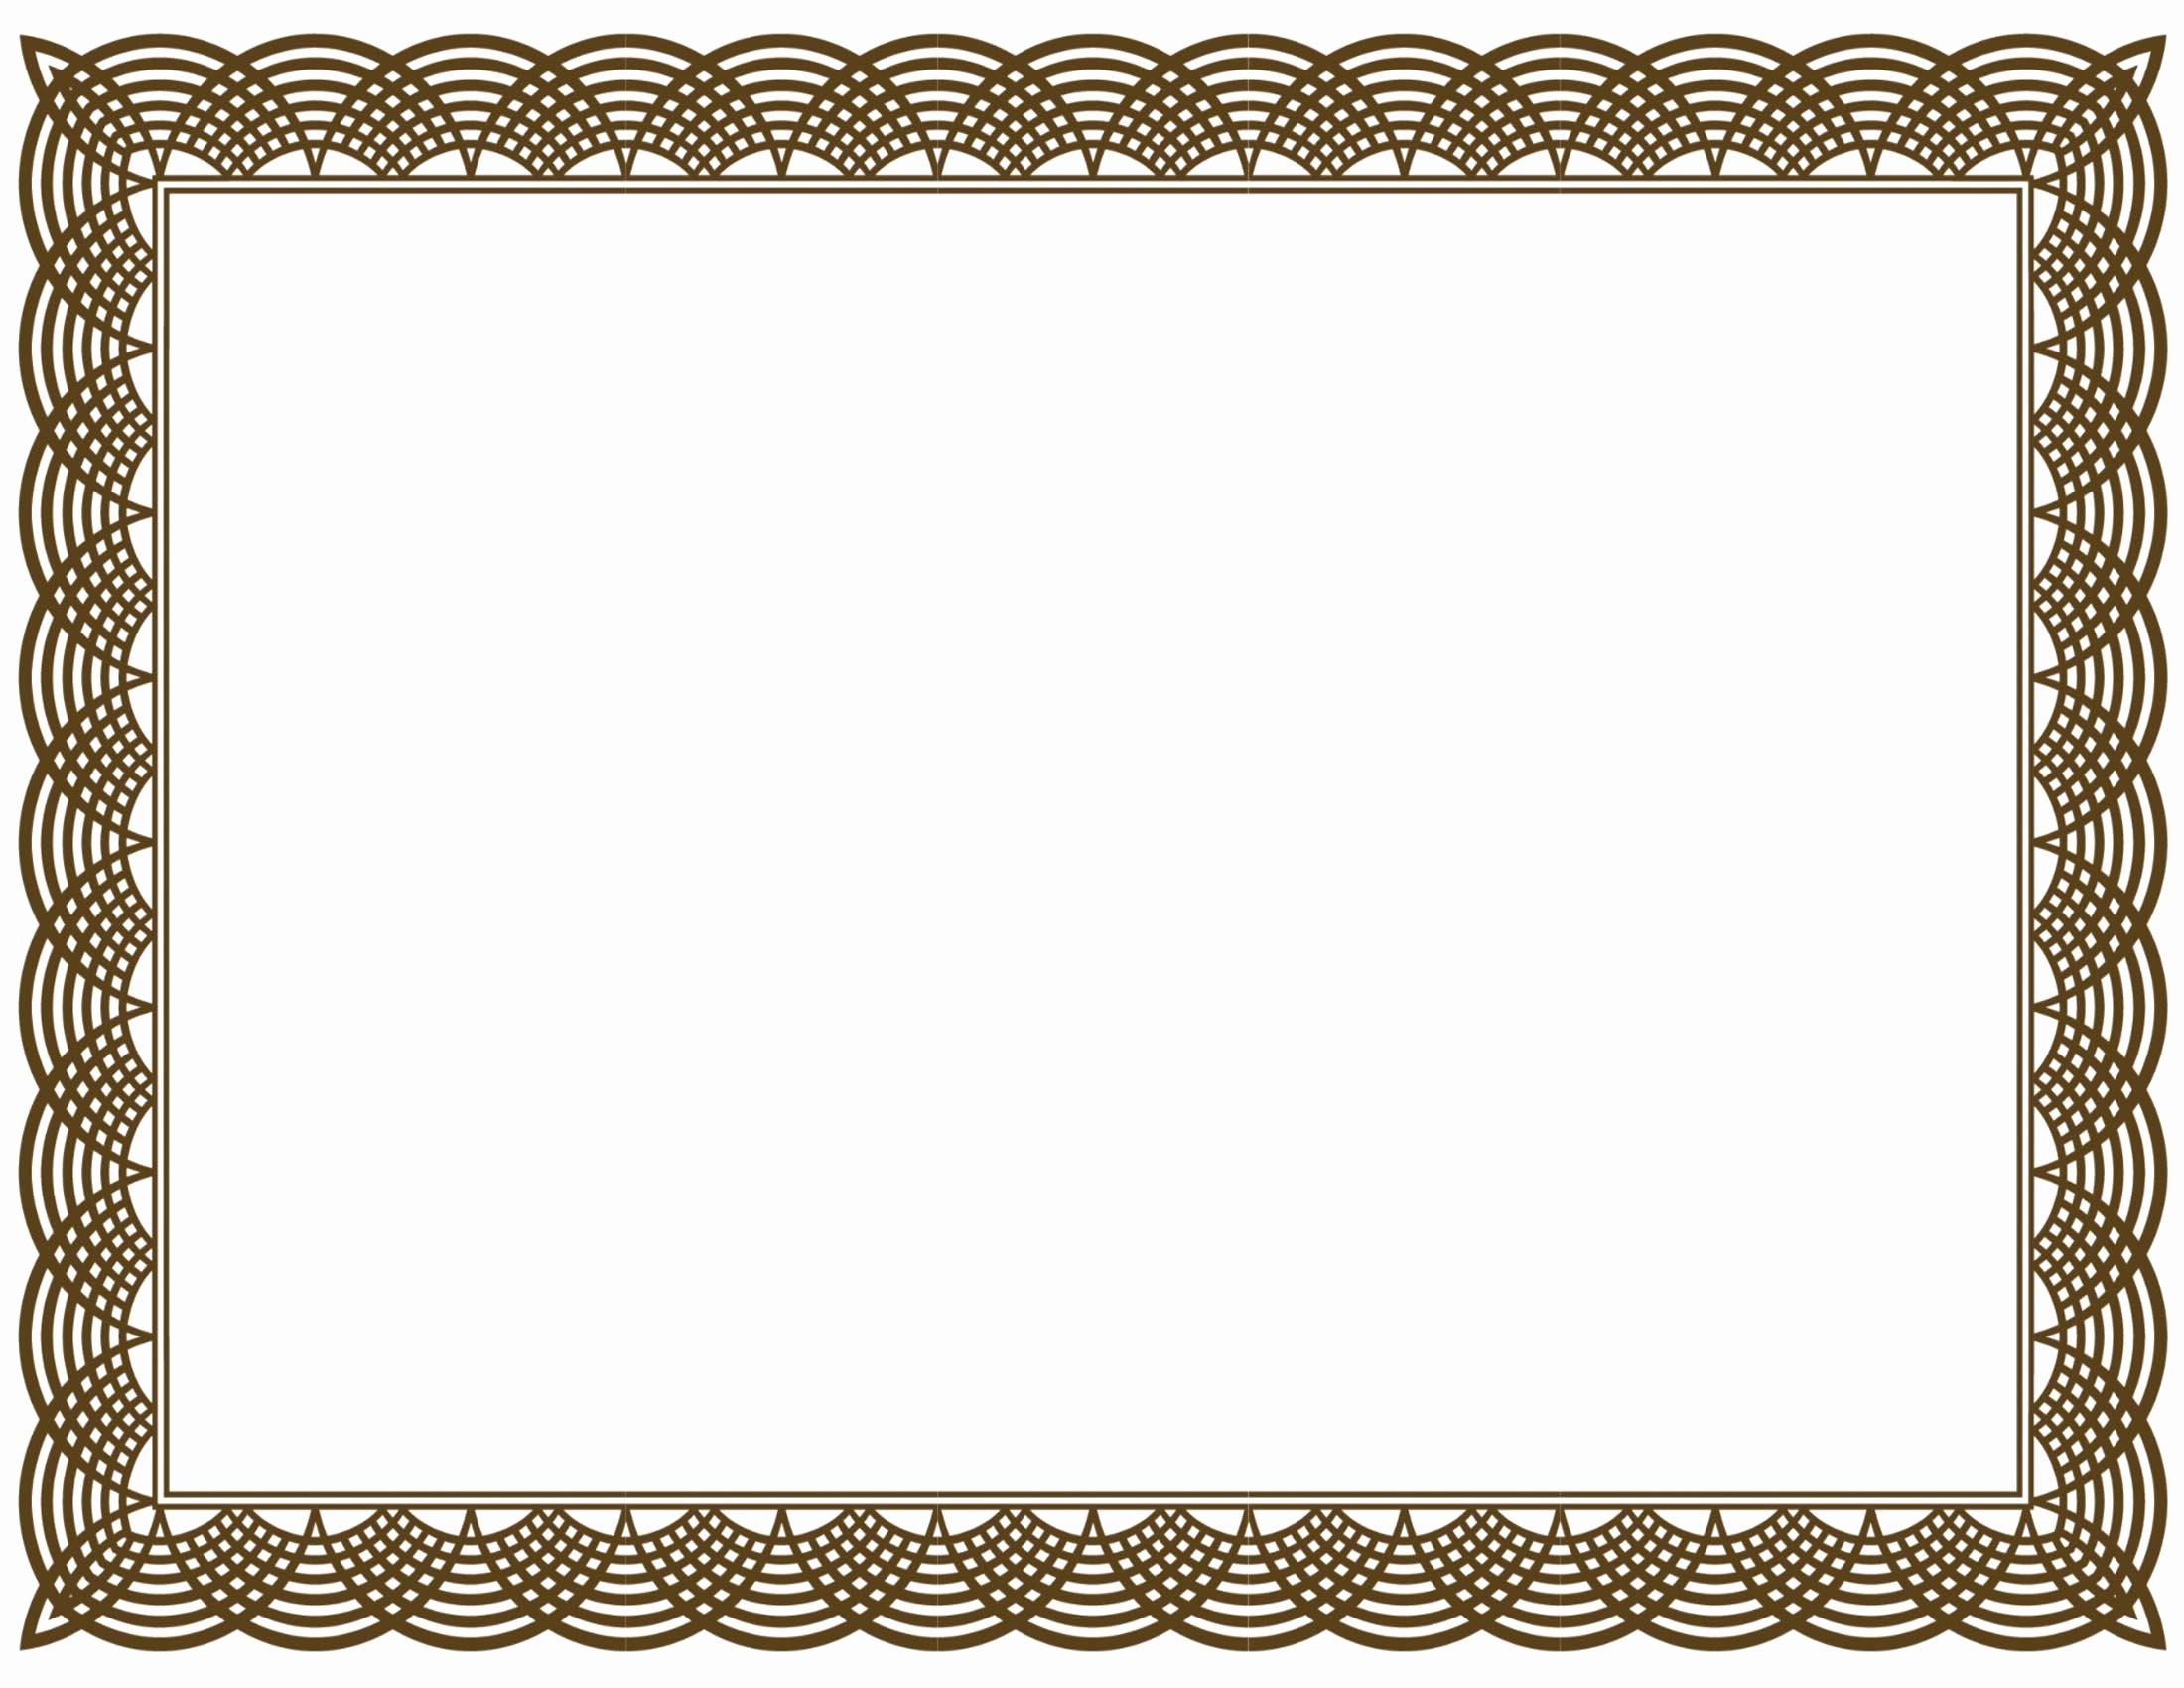 Free Vector Certificate Borders Luxury 20 Printable Certificate Borders